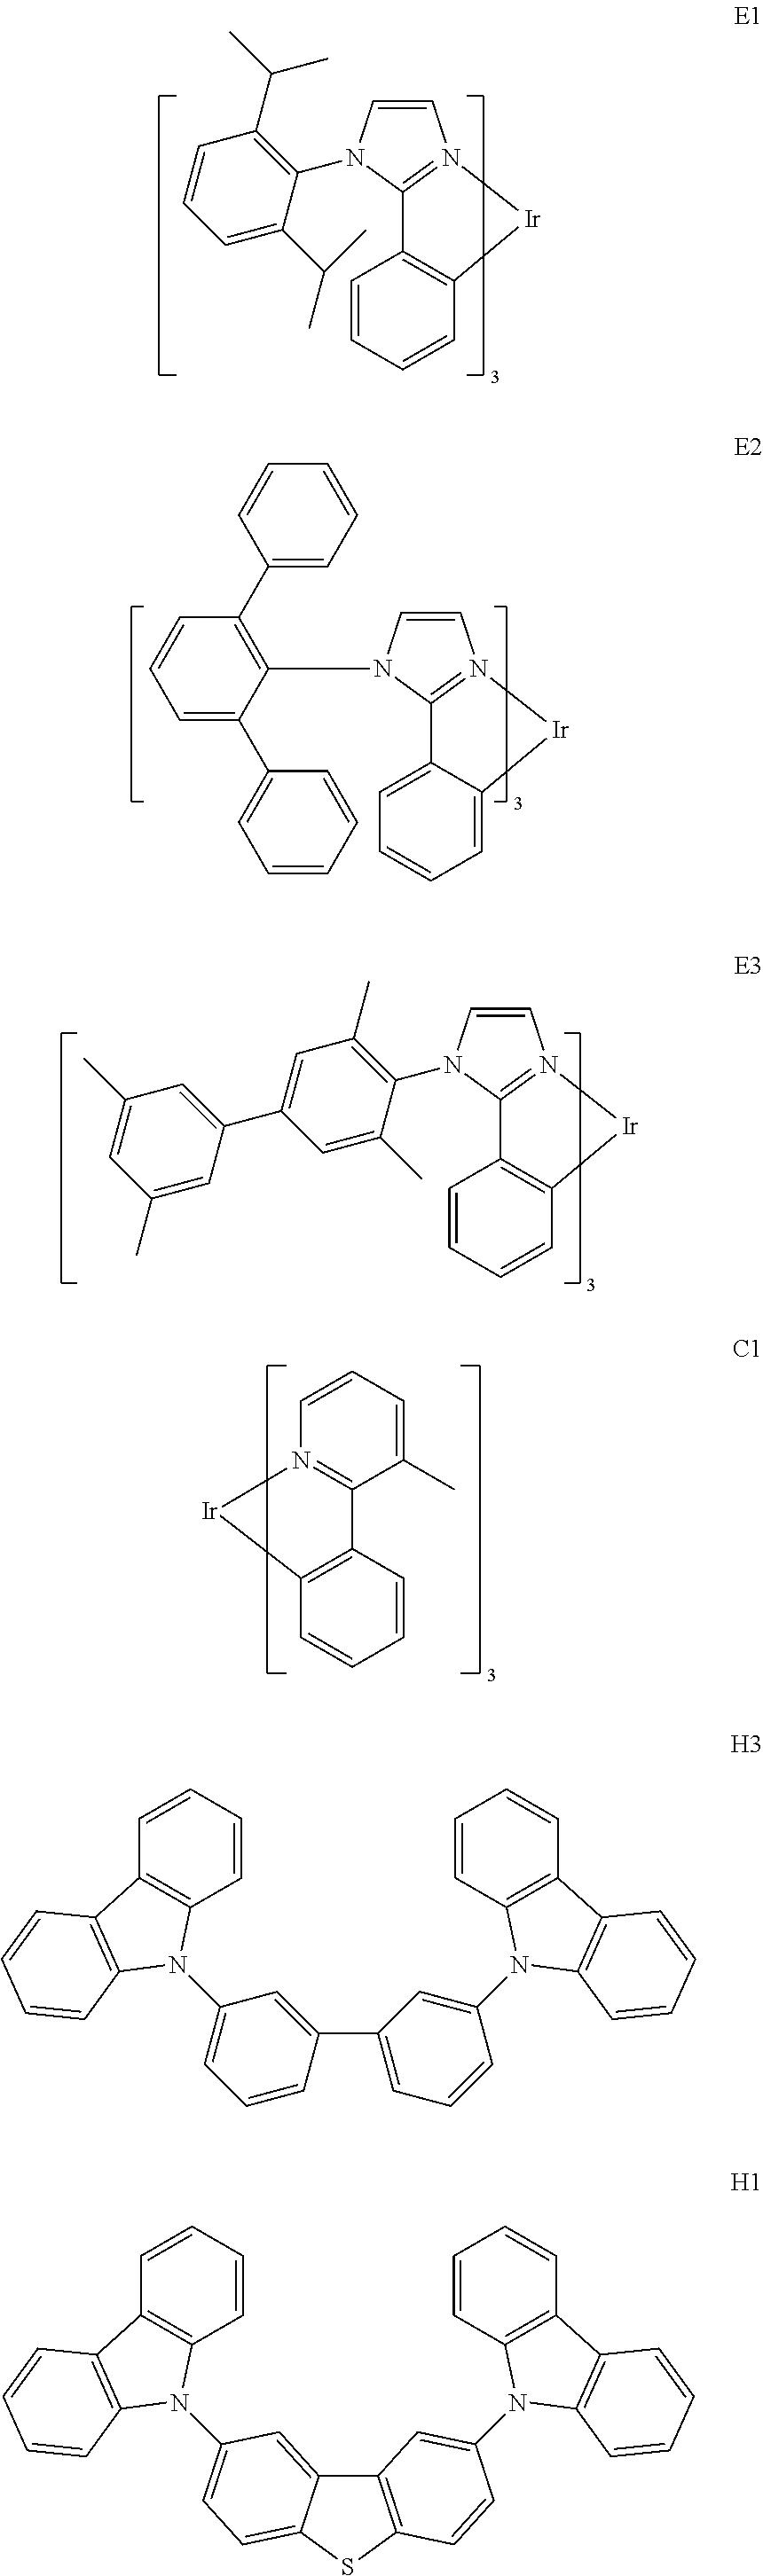 Figure US09735377-20170815-C00180